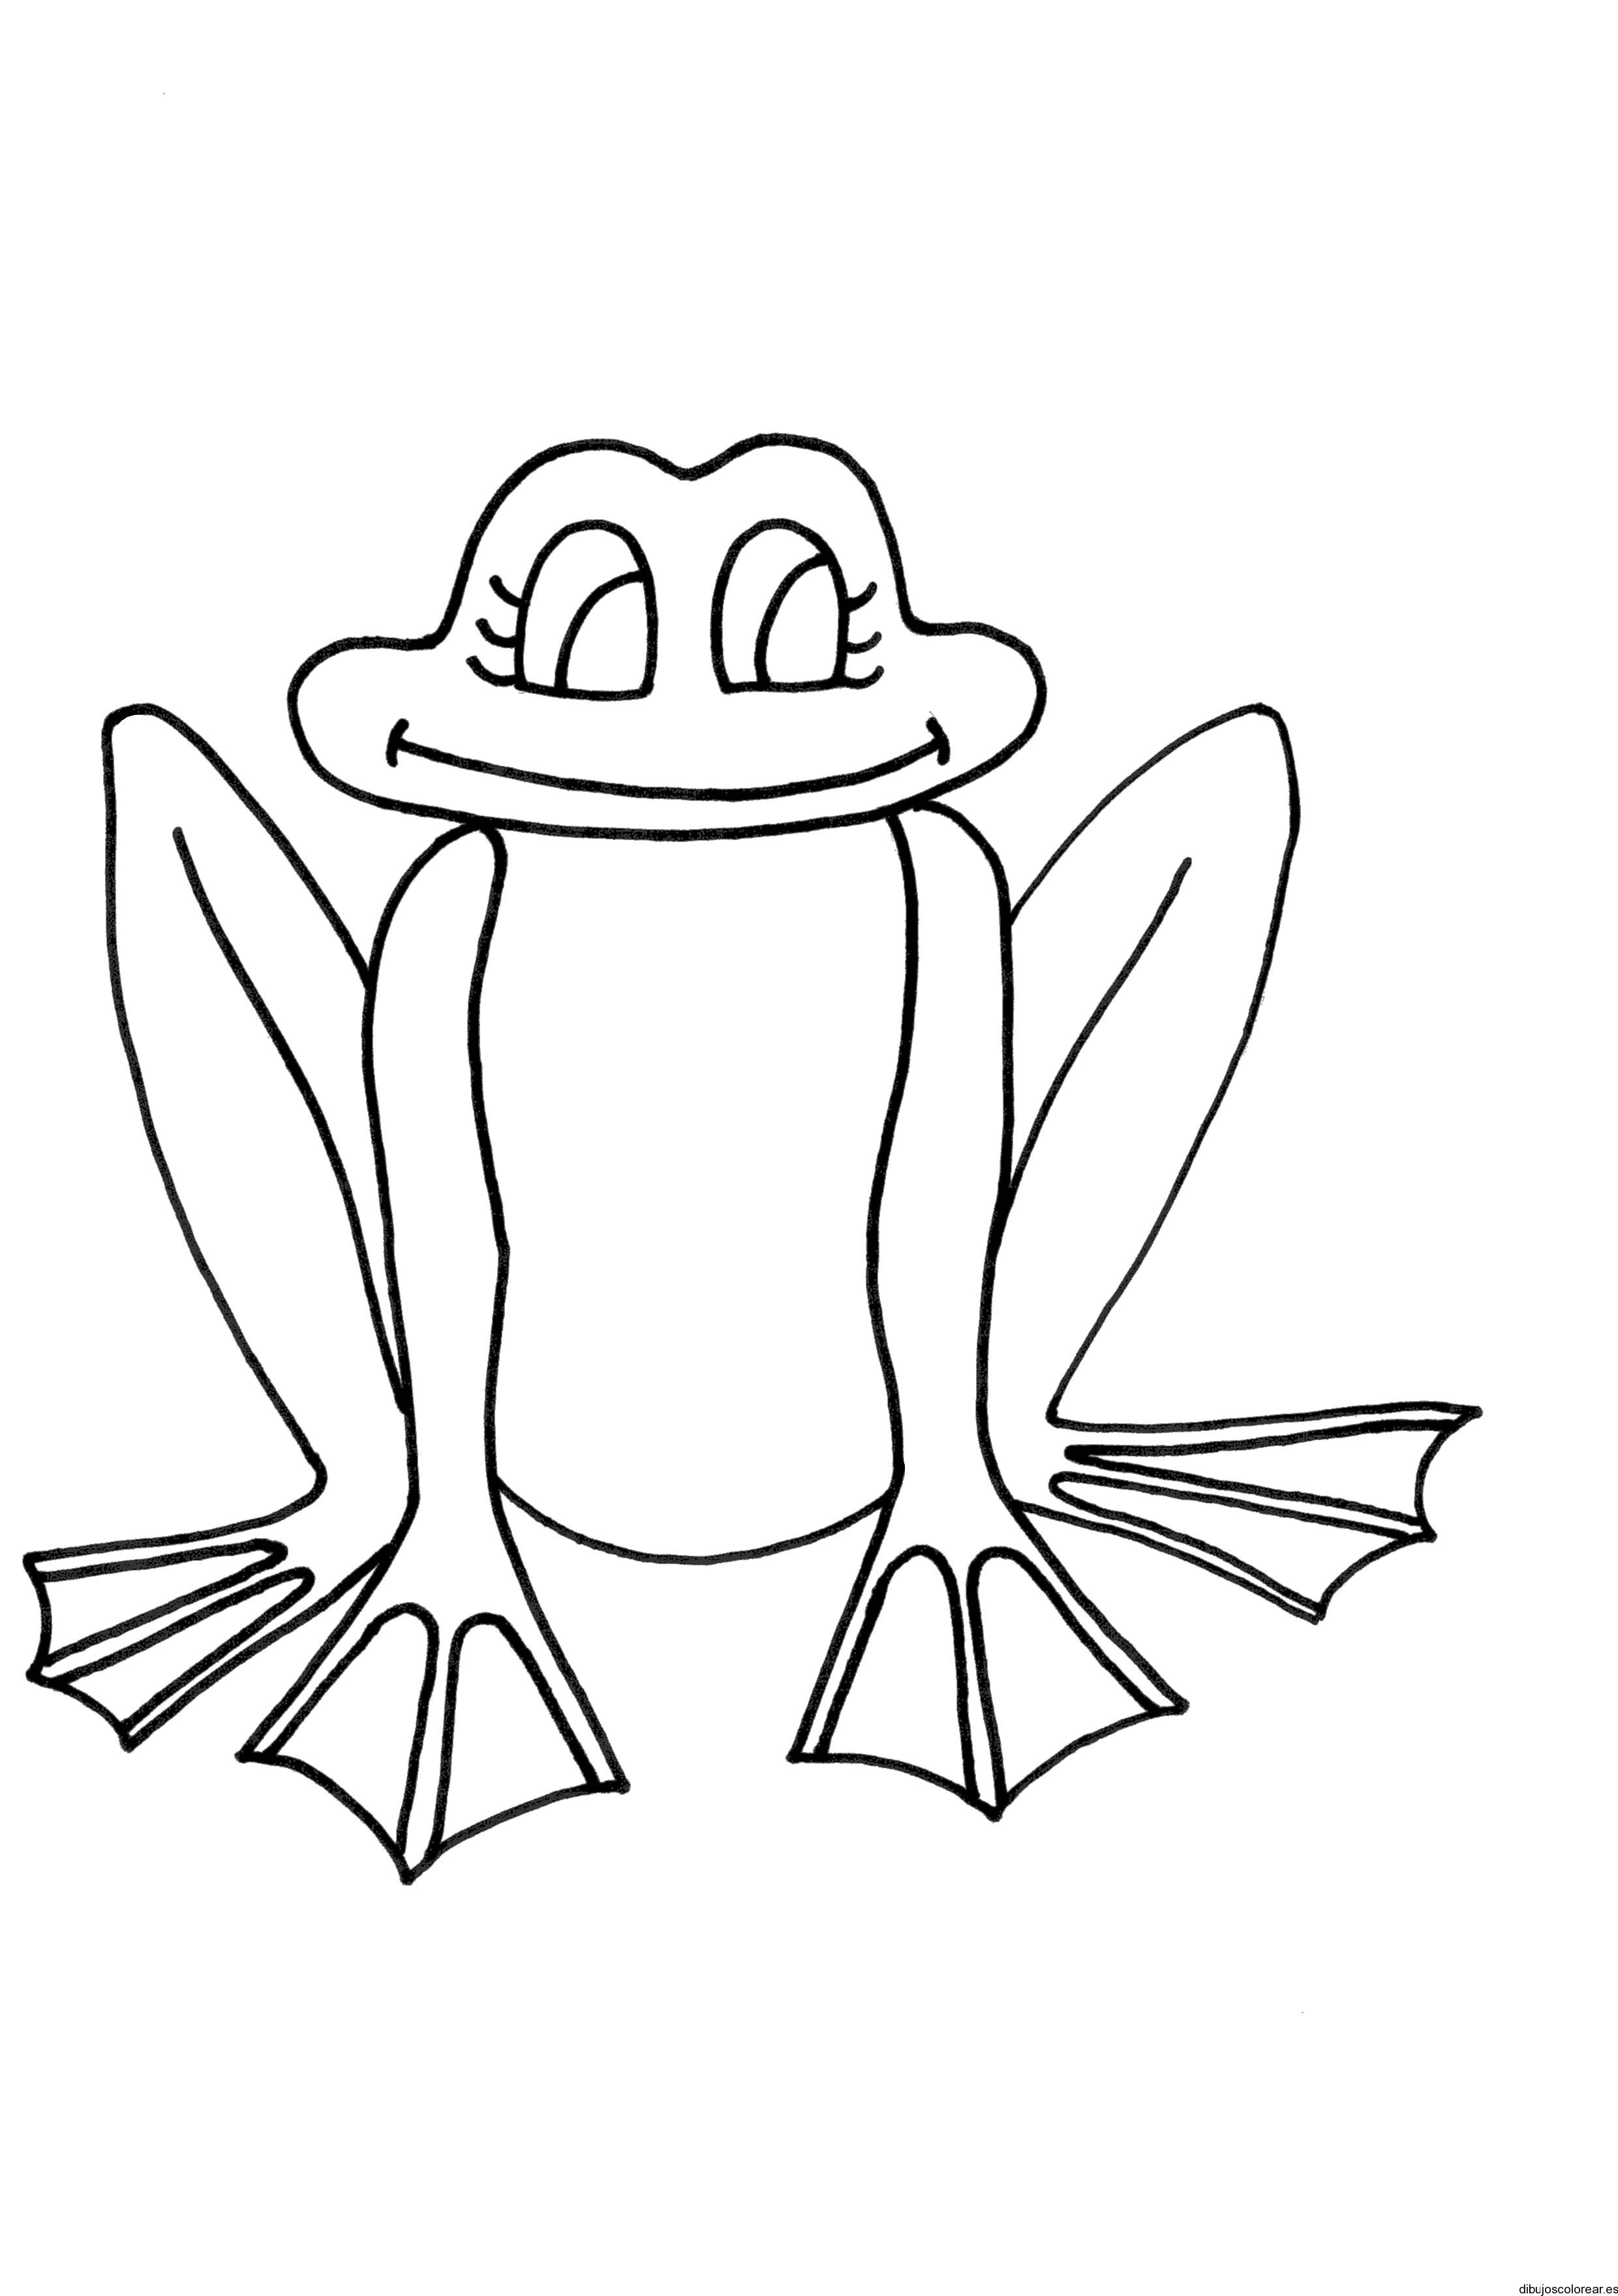 Dibujo de una rana